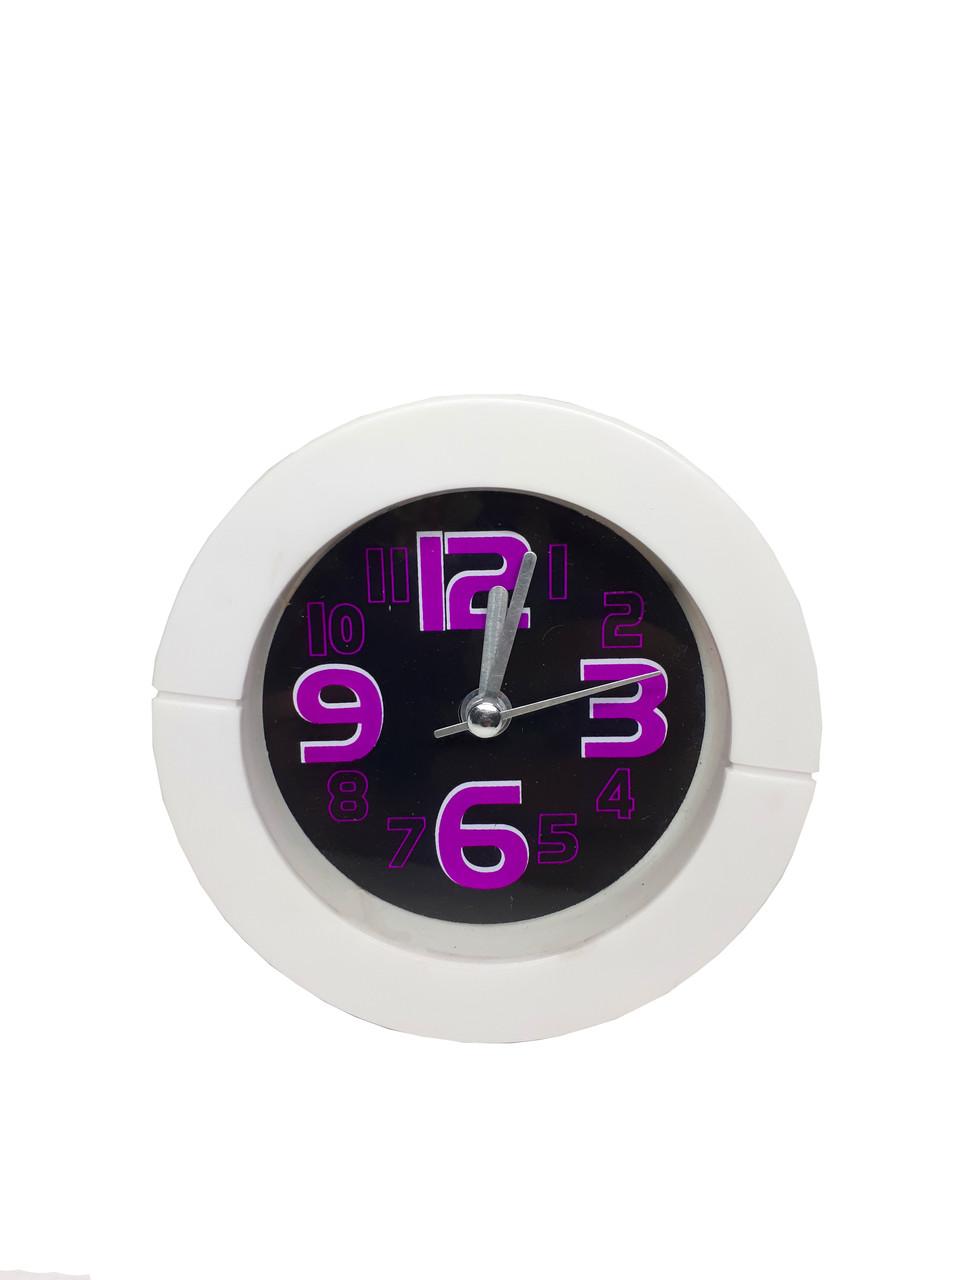 Будильник кварцевый настольный Abeer 637 Фиолетовый